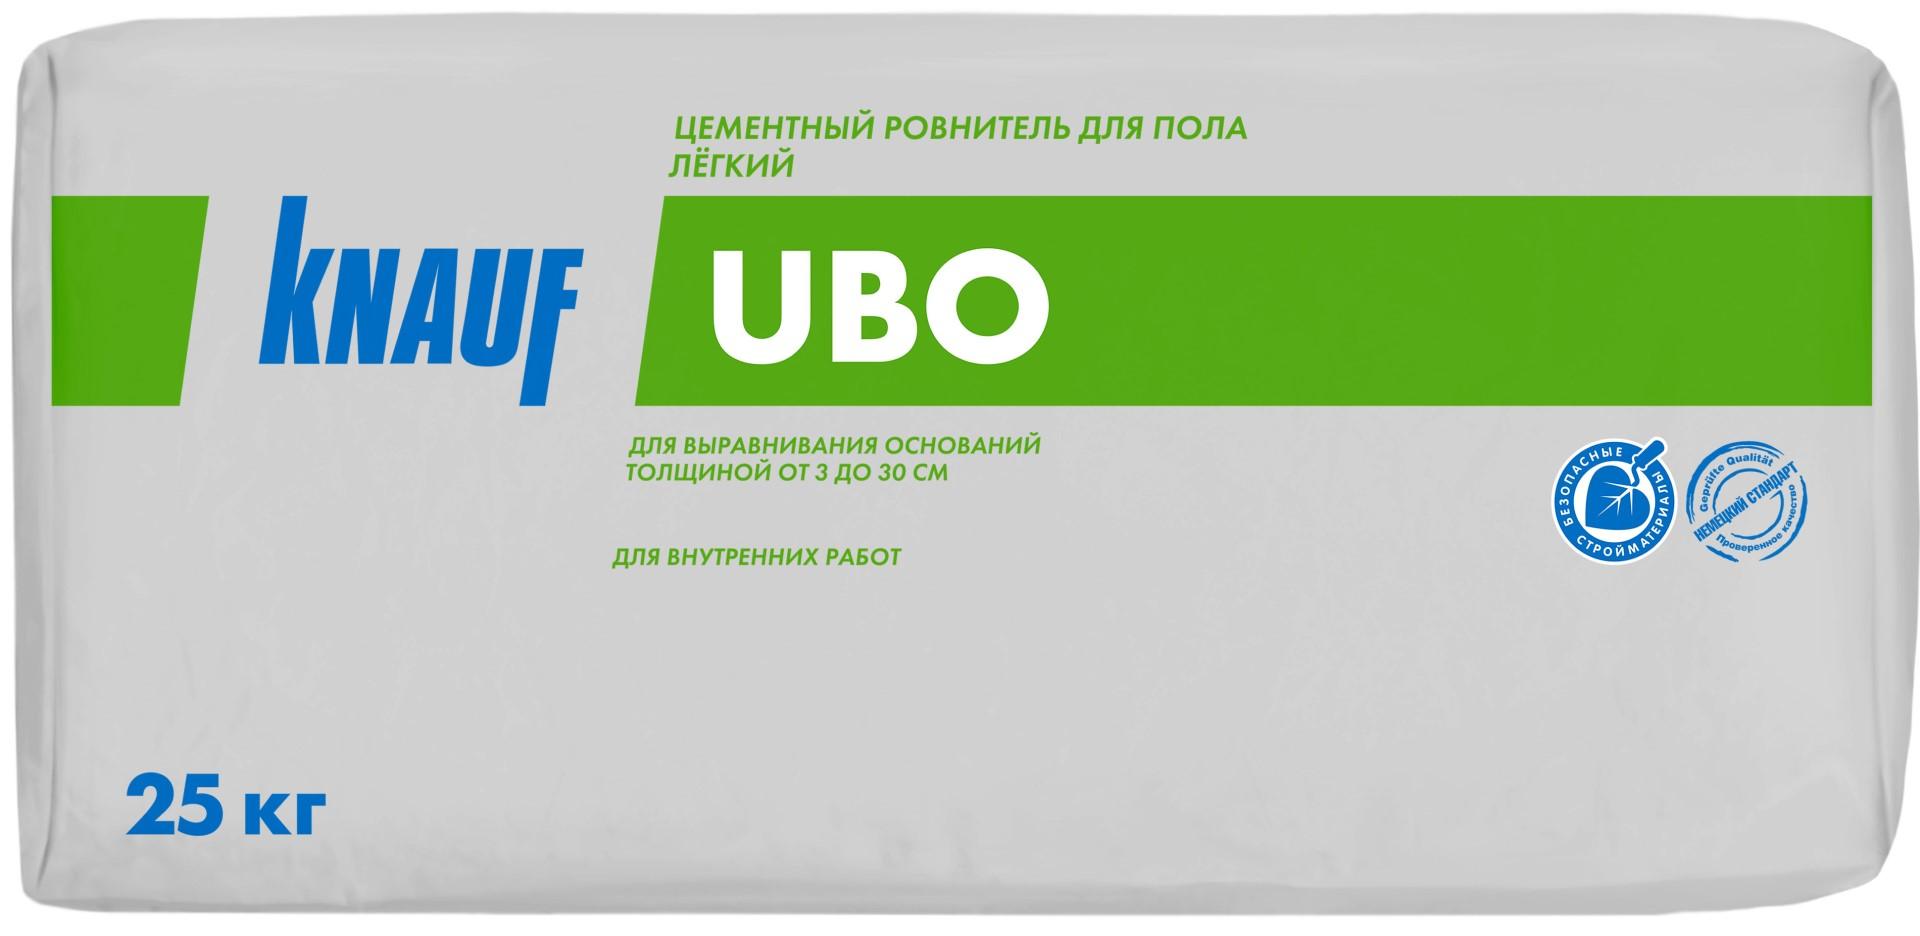 Купить Стяжка пола лёгкая Knauf Убо, 25 кг — Фото №1